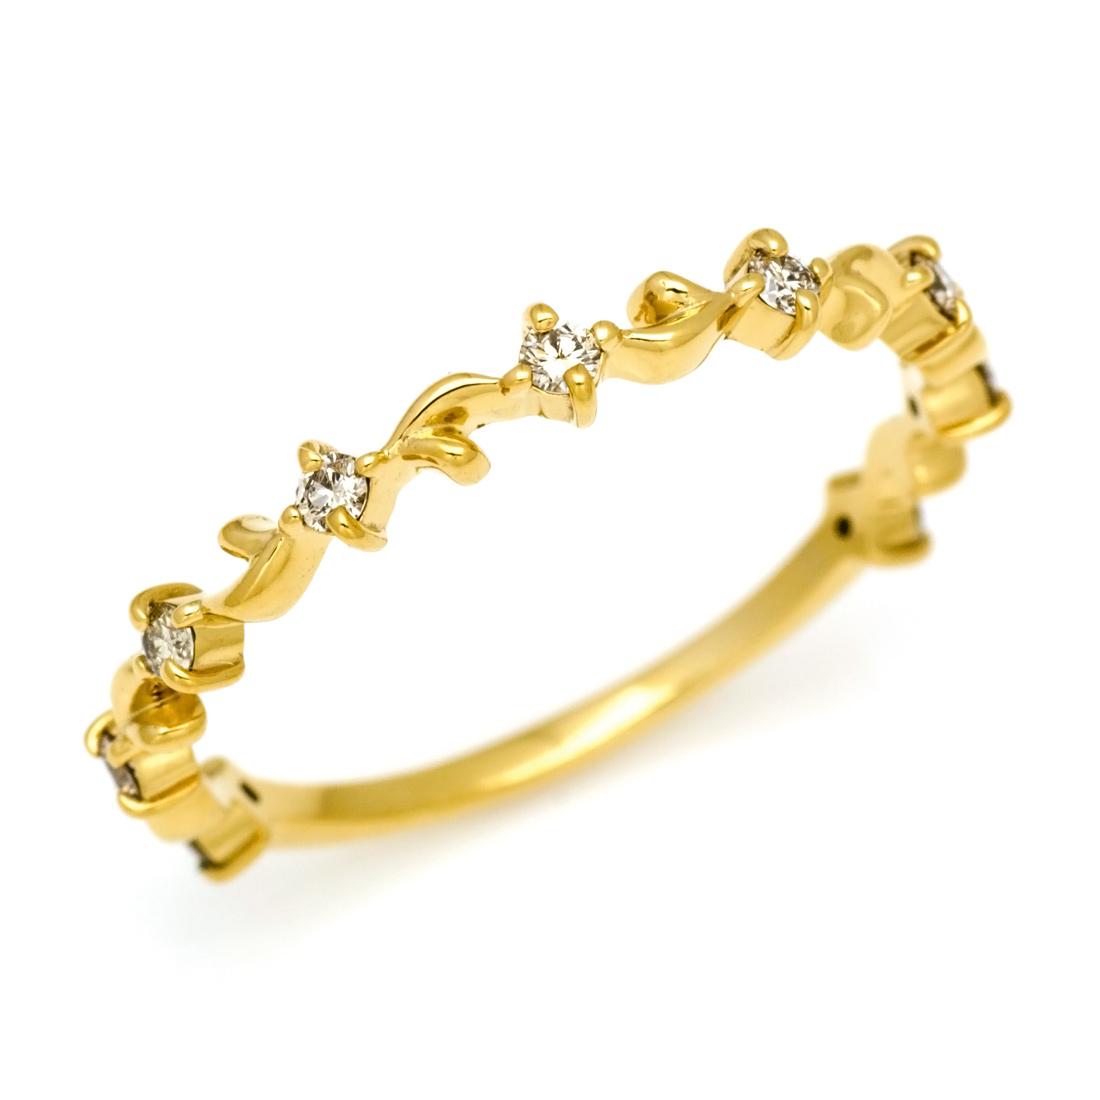 K18 ダイヤモンド0.15ct アイビー モチーフ リング「Ivy」 指輪 ゴールド 18K 18金 ダイアモンド 蔦 誕生日 4月誕生石 刻印 文字入れ メッセージ ギフト 贈り物 ピンキーリング対応可能